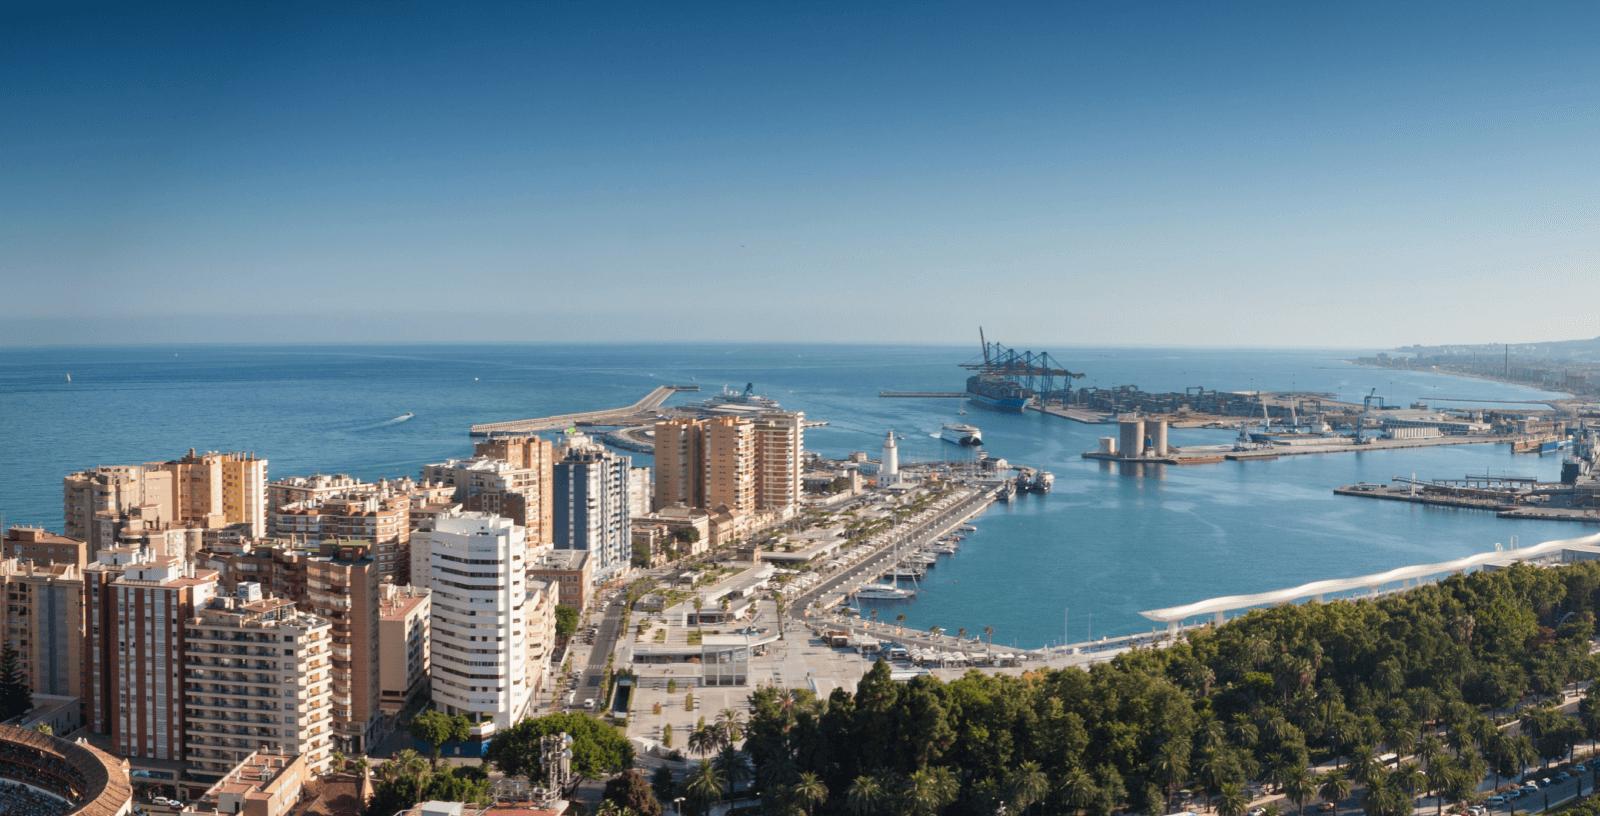 Costa del Sol_1283651_Pixabay License_IDOM_Consultoria_Mala